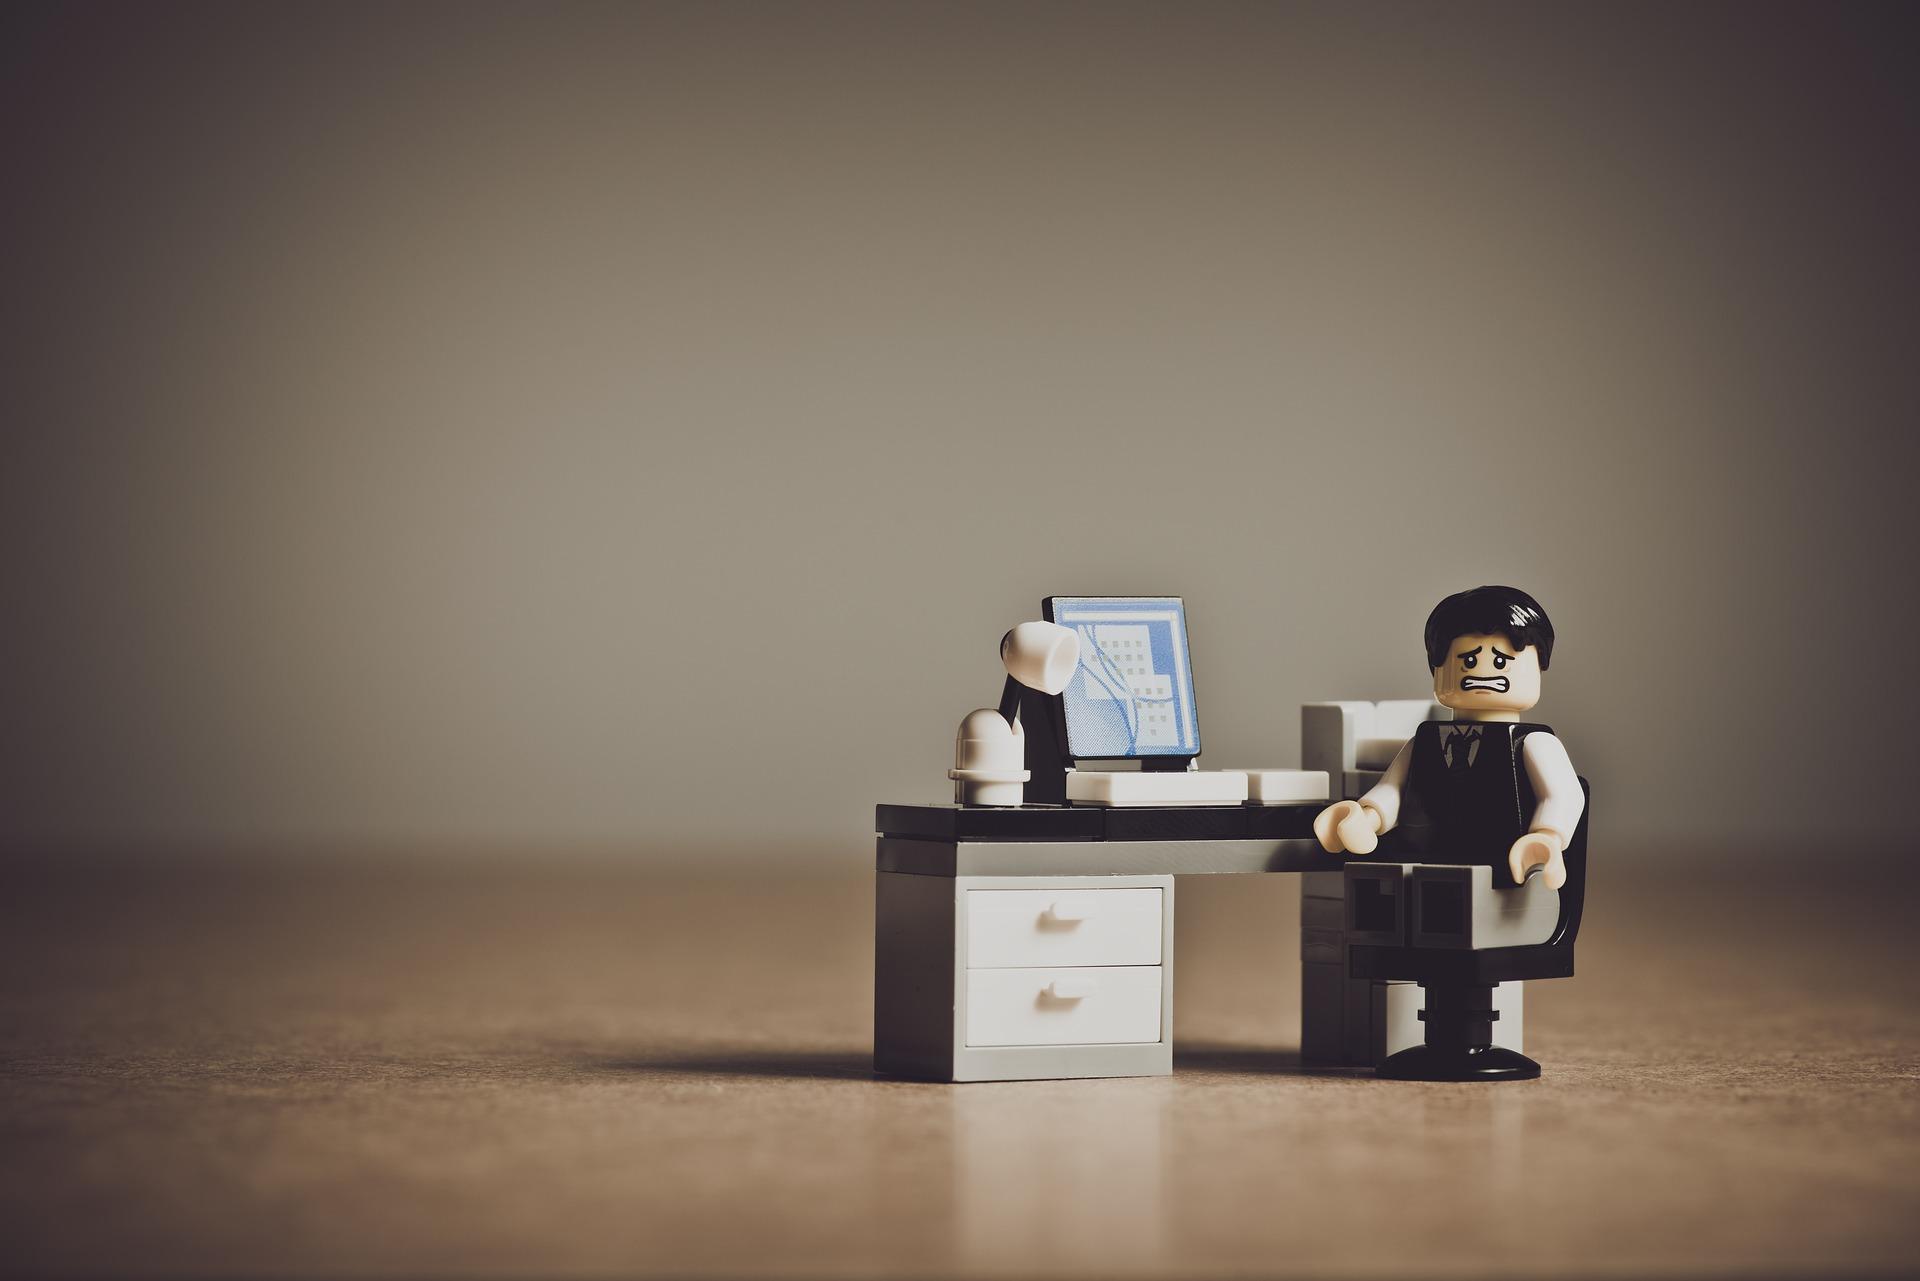 【ブログ記事書きたくないけどブログを続けたい!】ブログ更新継続方法